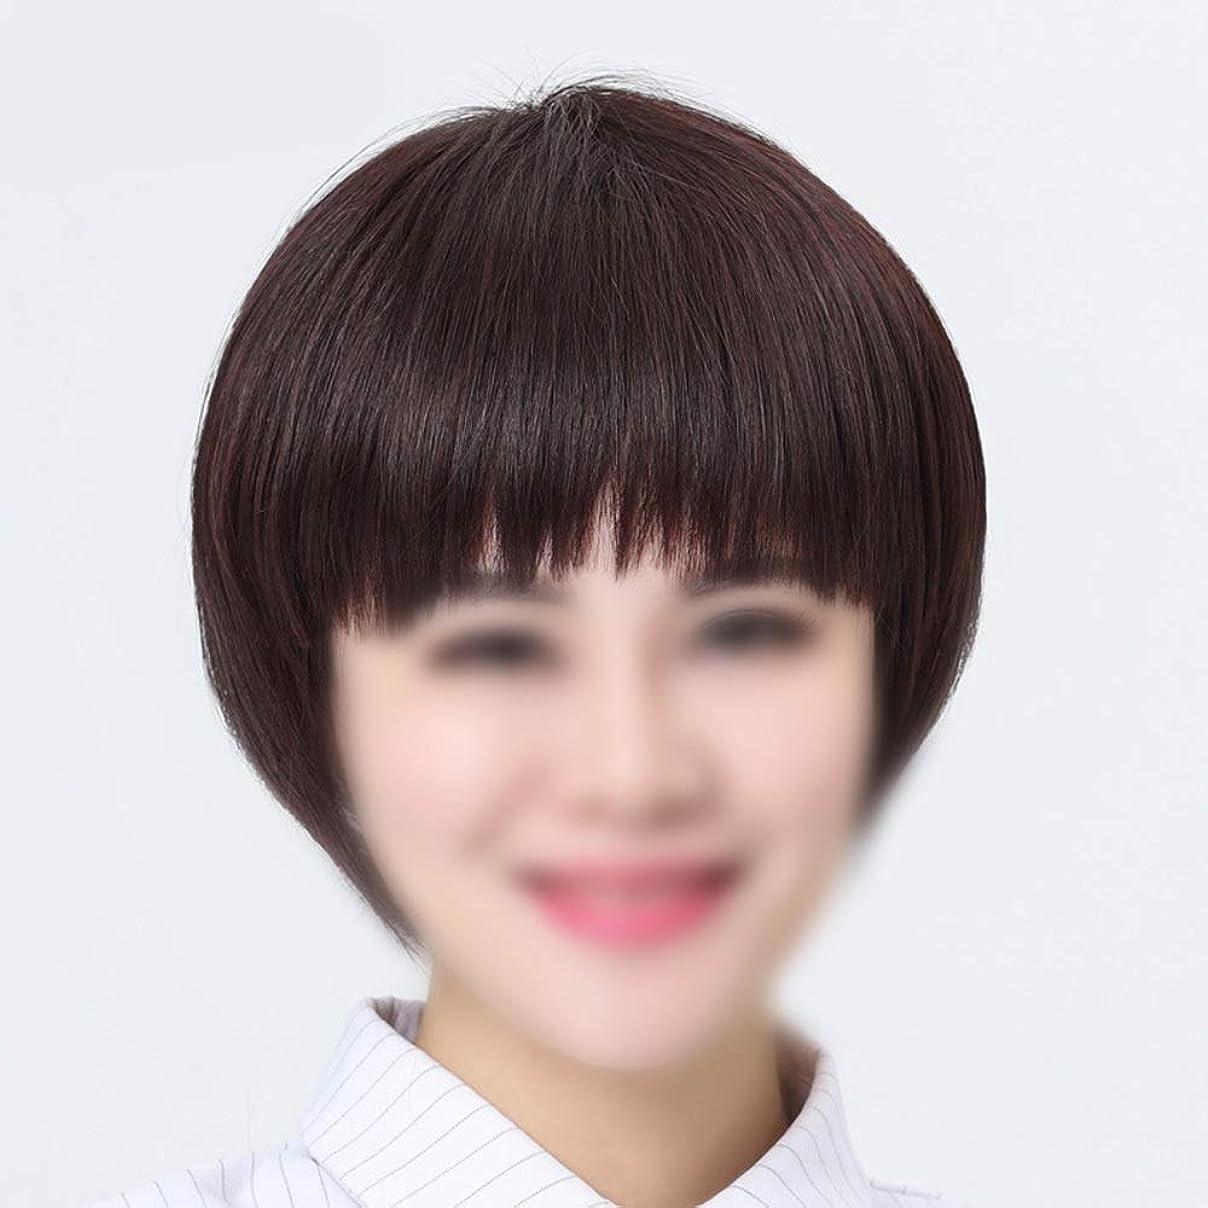 乱気流それから有効BOBIDYEE 女性の短いストレートヘア中年のかつら本物の髪の女性の母親の髪かつらパーティーのかつら (Color : Natural black, サイズ : Mechanism)